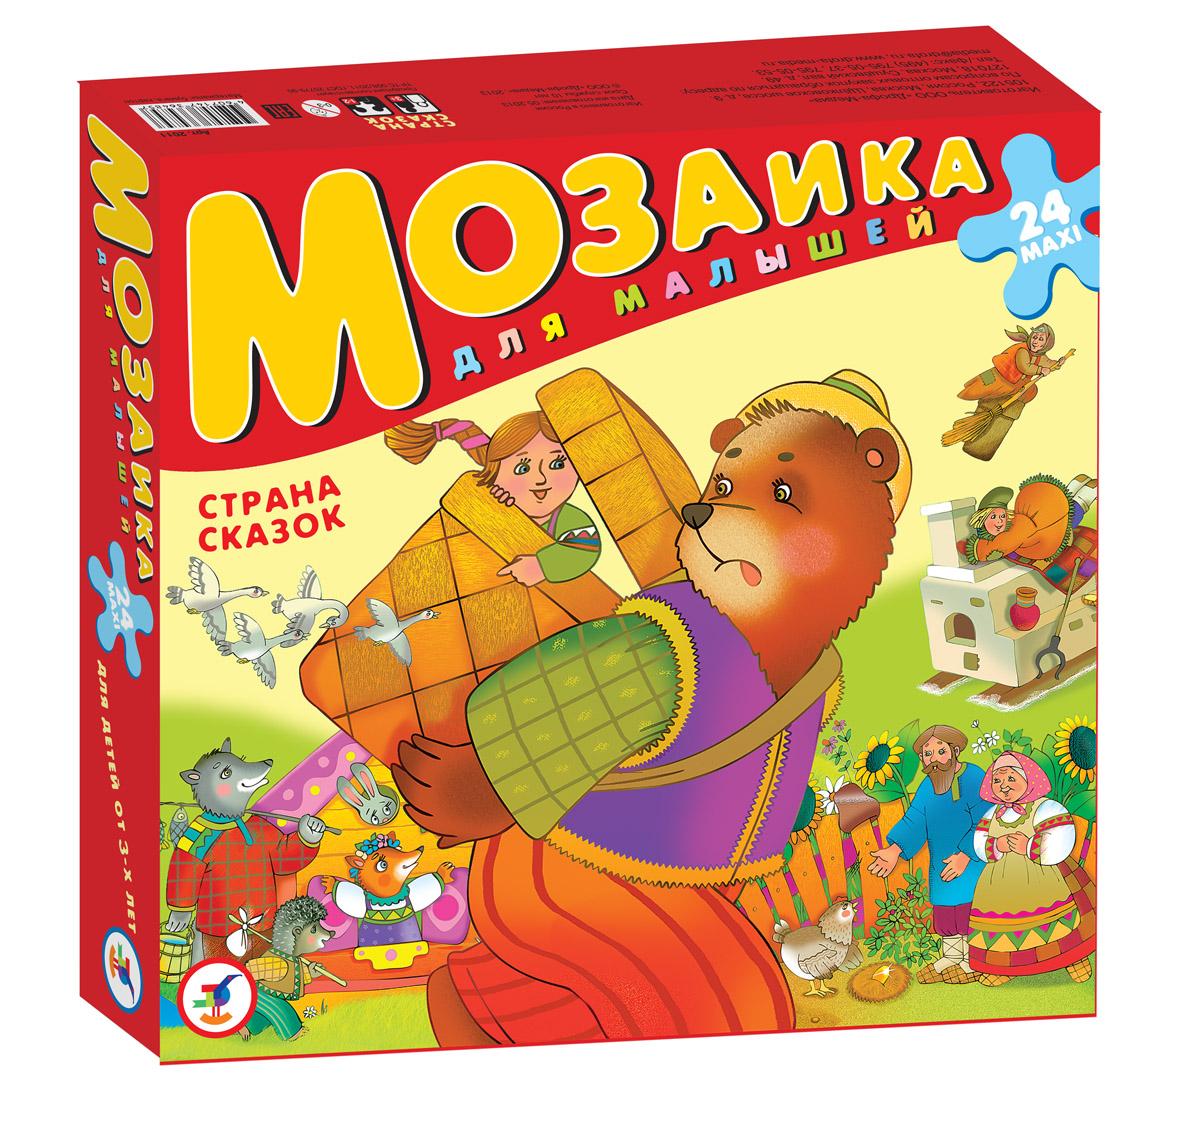 Мозаика - Страна сказок фото